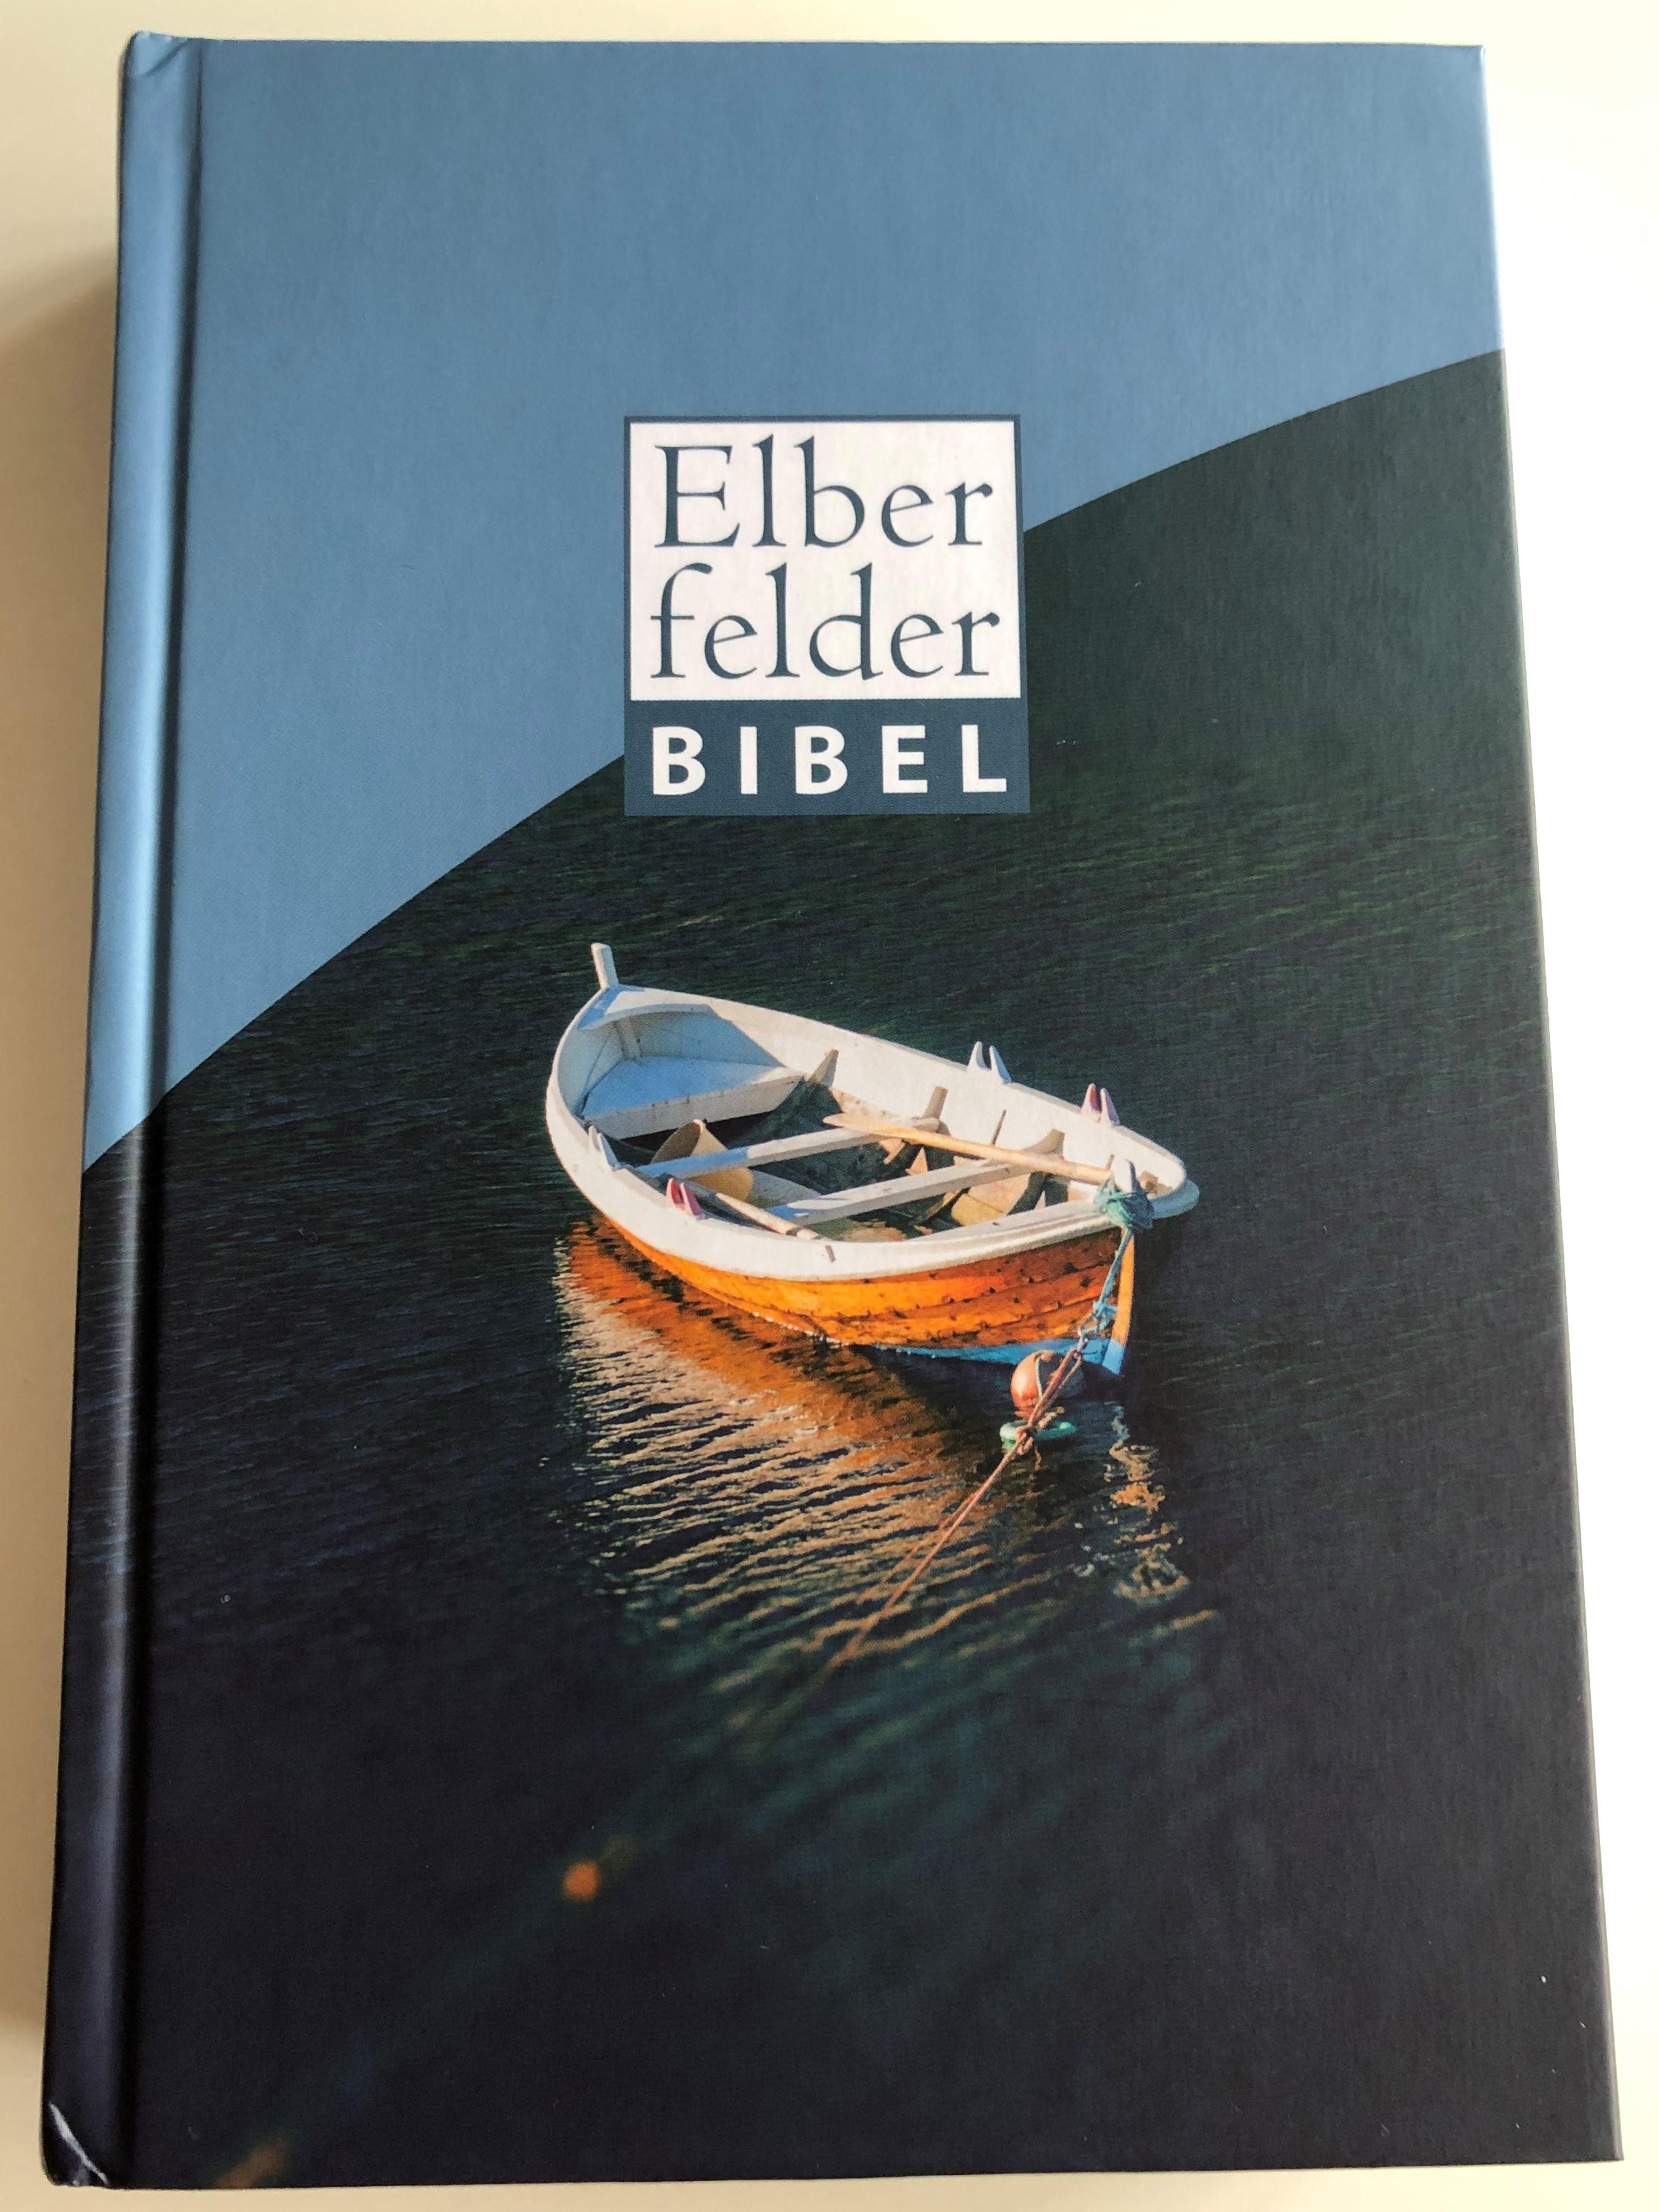 elberfelder-bibel-elberfelder-bible-in-german-language-2.jpg